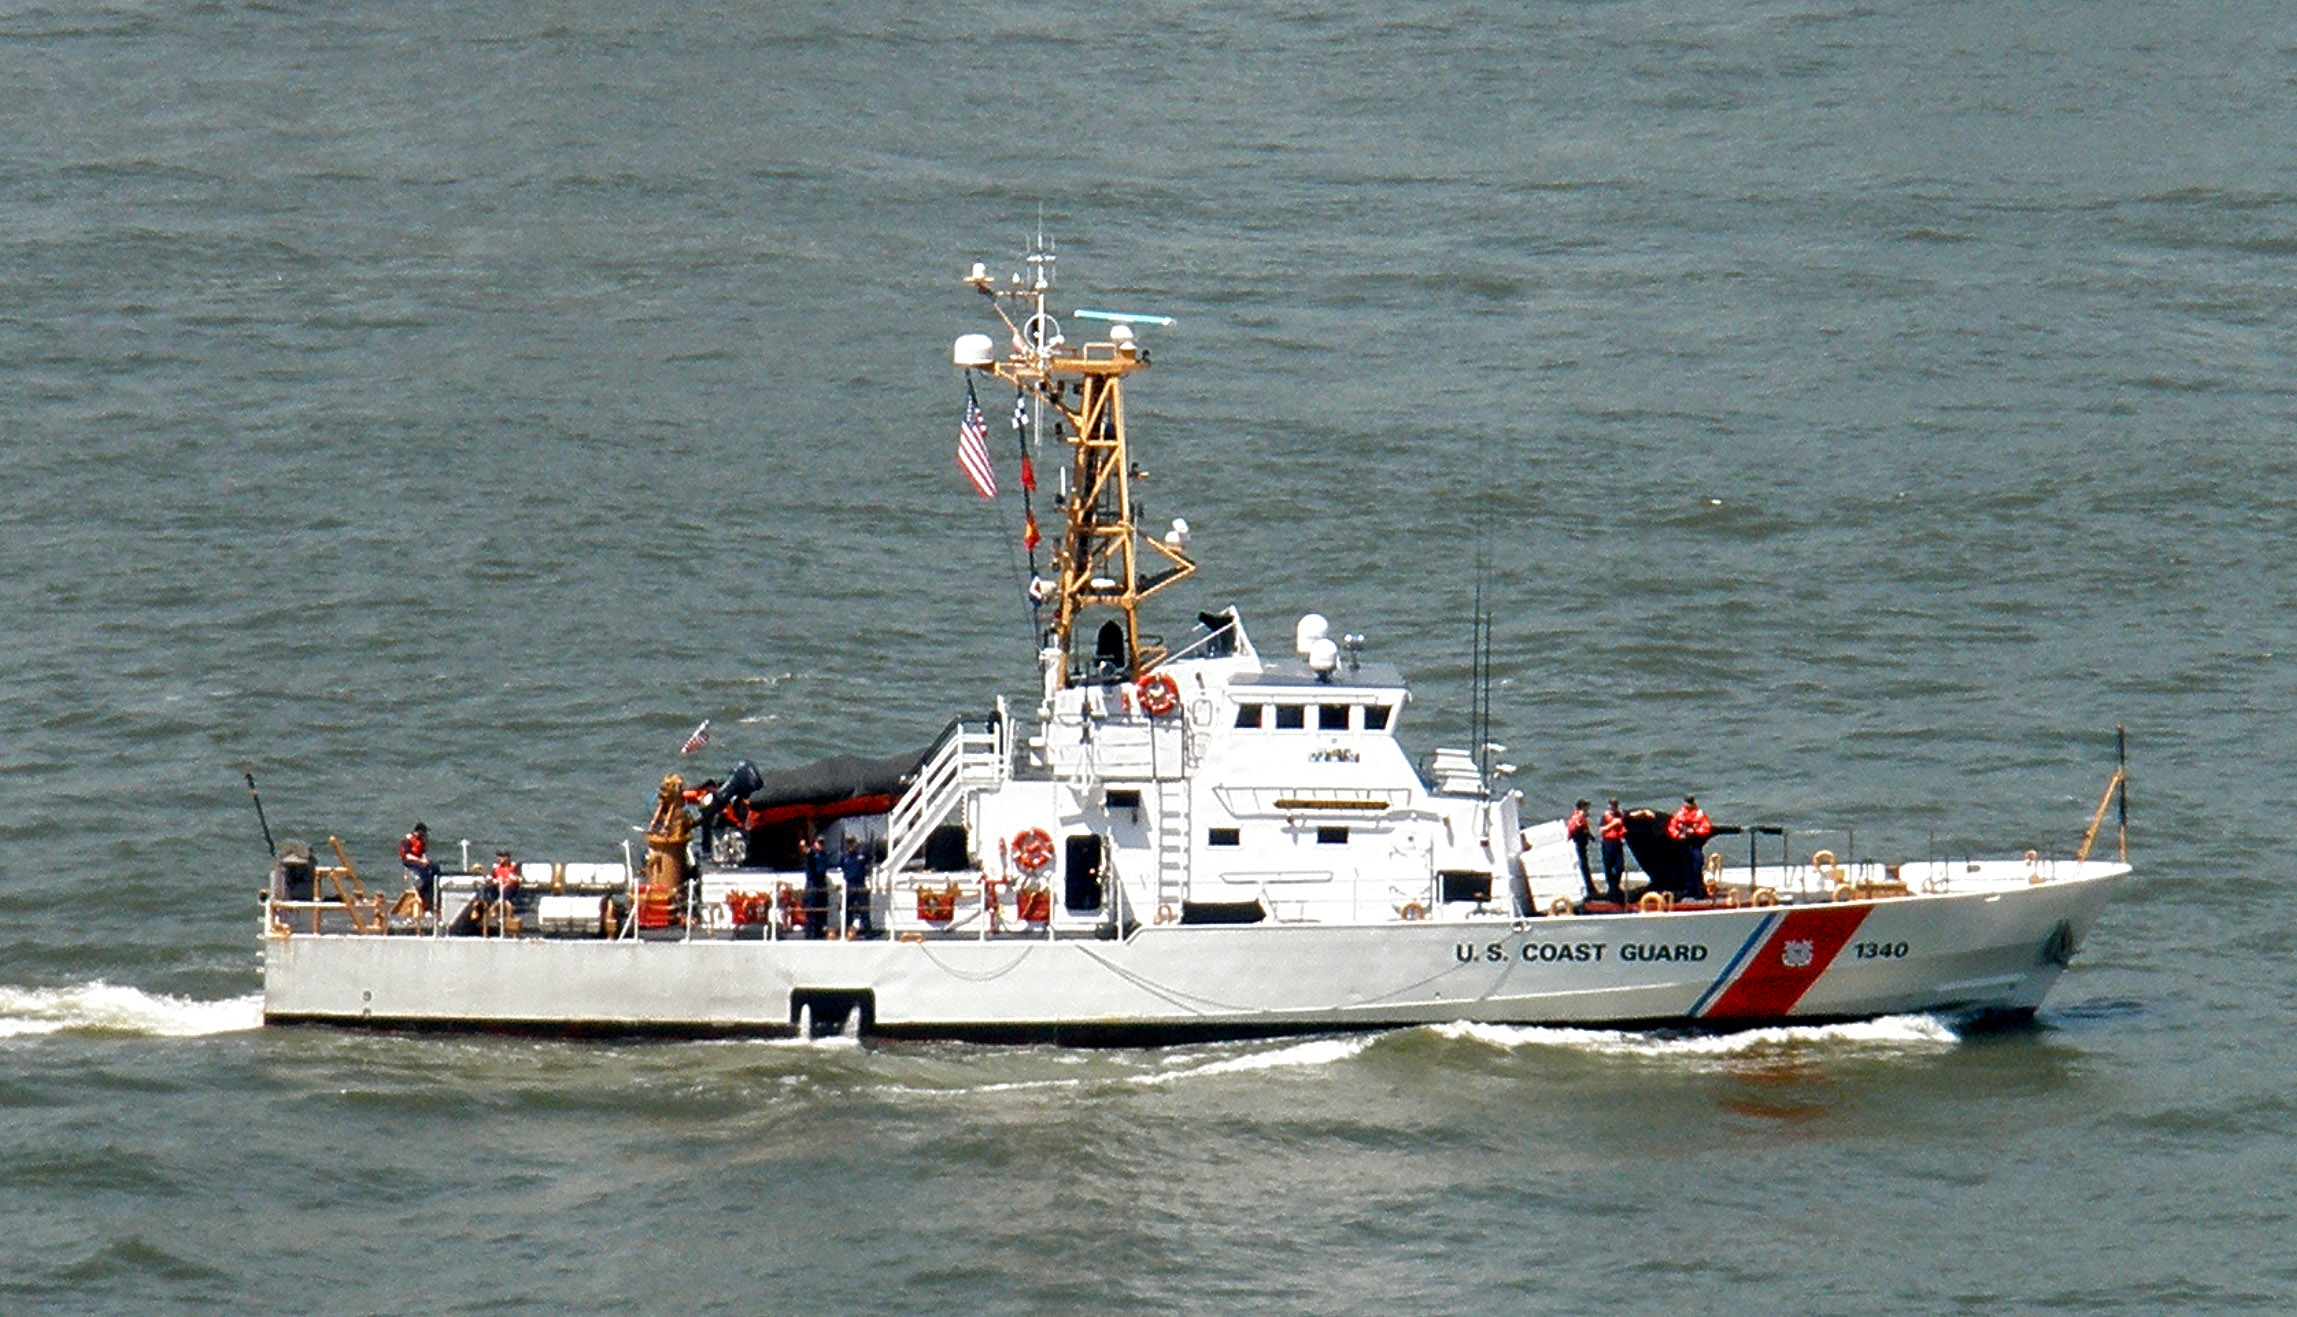 USCGC JEFFERSON ISLAND WPB 1340